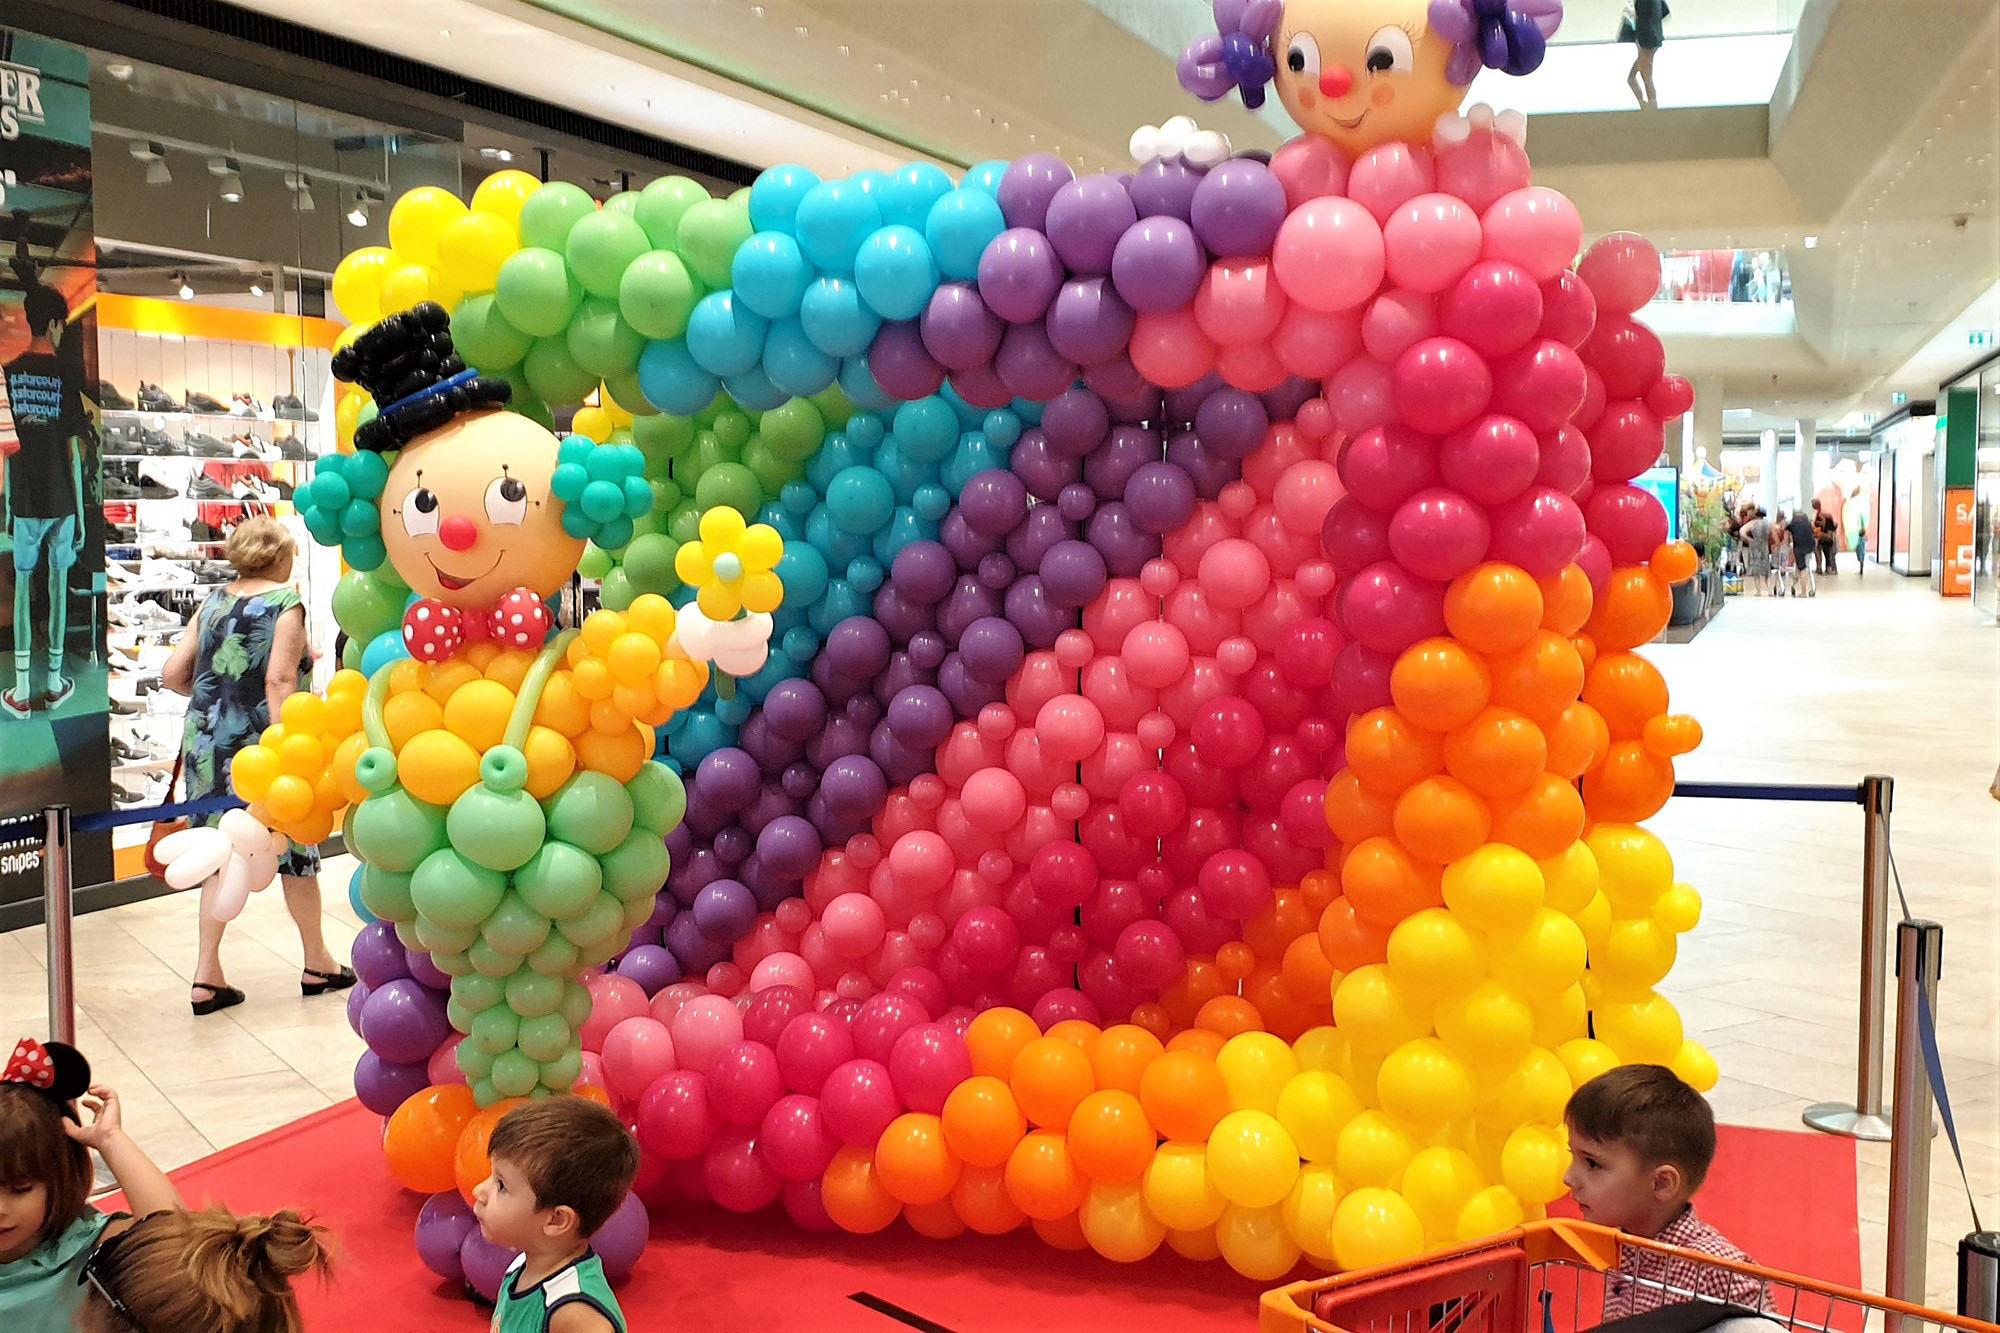 Ballonskulptur für Fotobox im EKZ Fischaprk in Wiener Neustadt